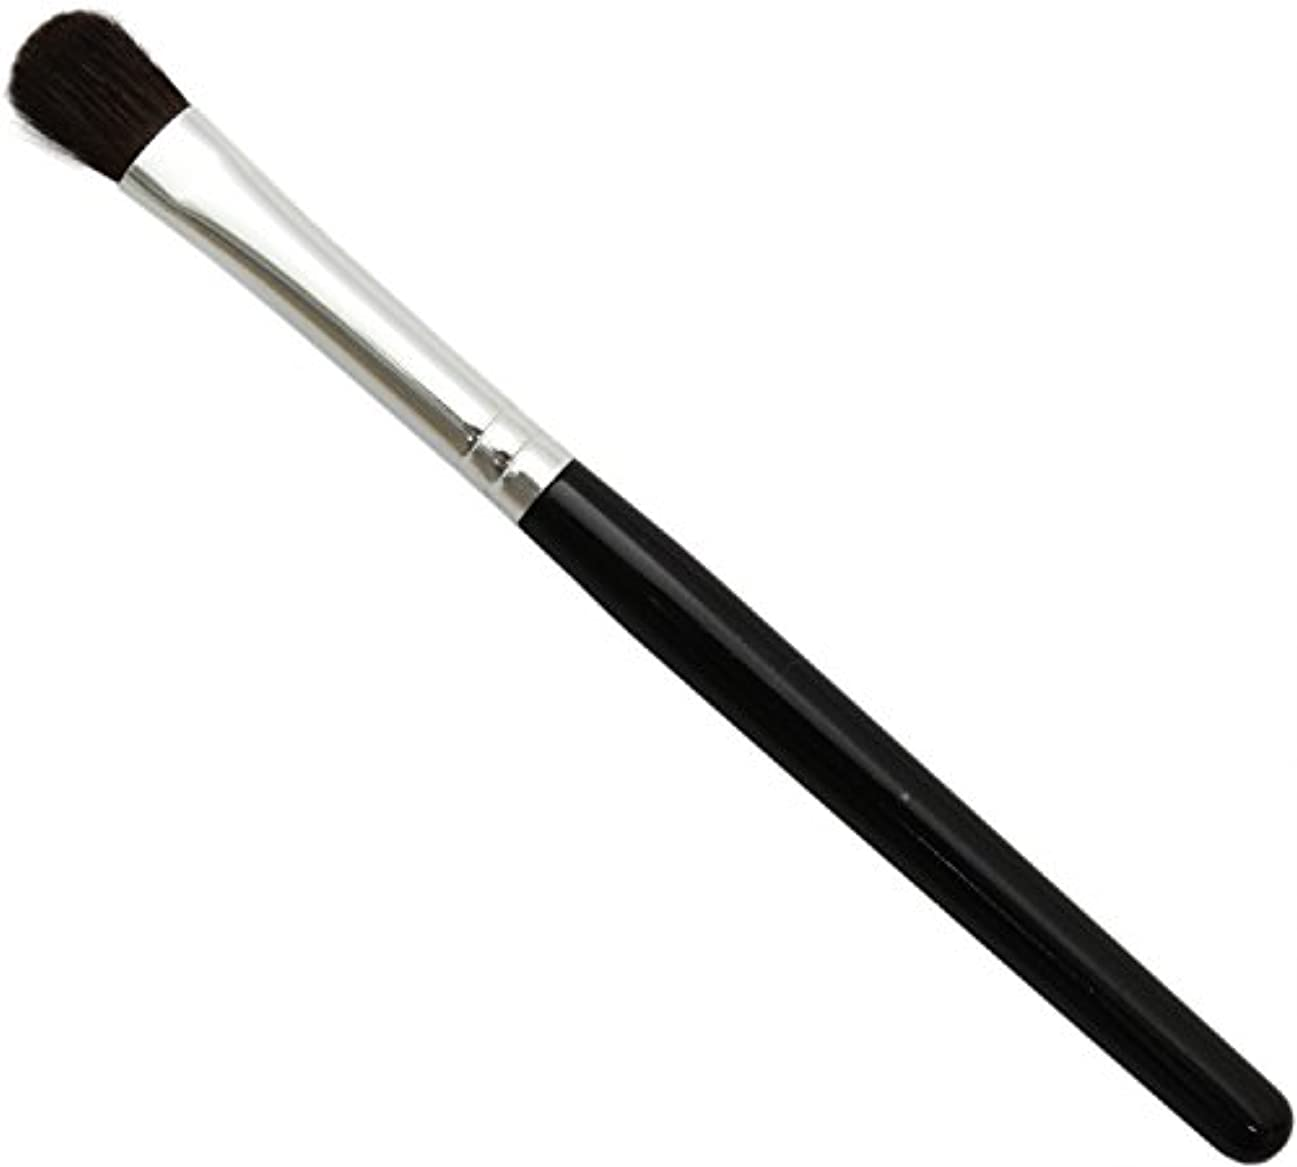 骨選択する楽観的熊野筆 メイクブラシ KUシリーズ アイシャドウブラシ 小 馬毛